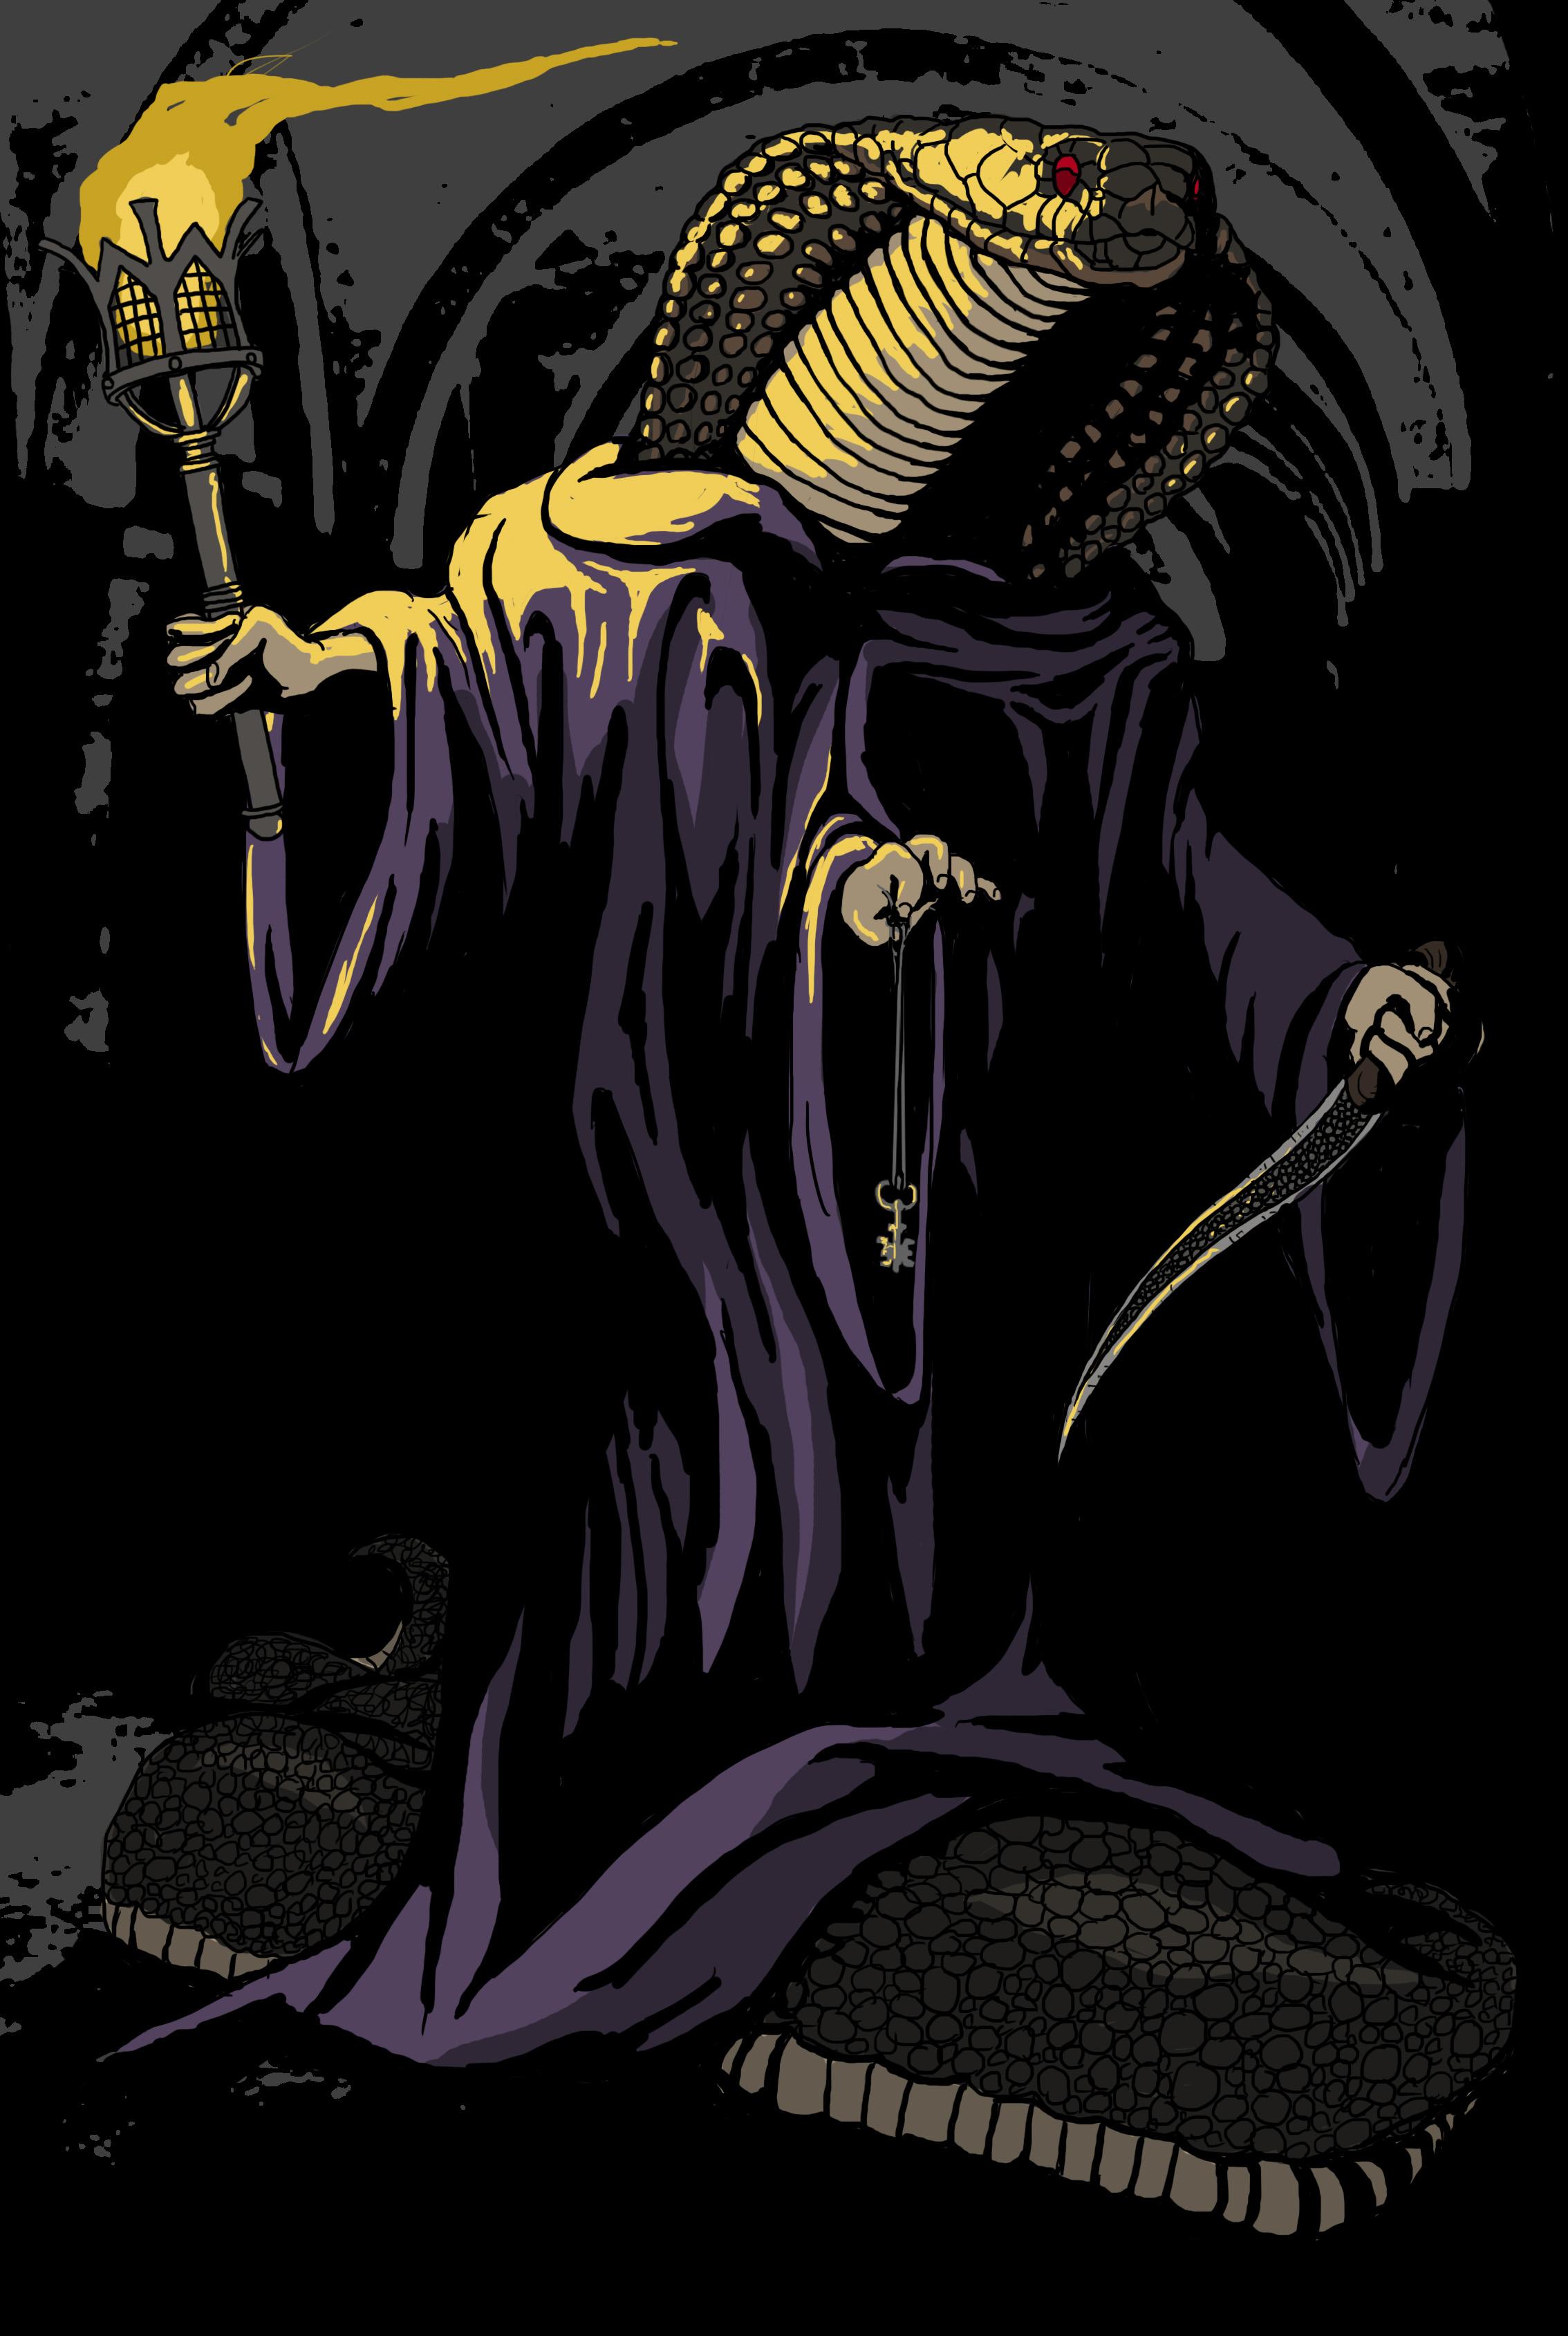 http://orig13.deviantart.net/6756/f/2013/012/6/e/snake_priest_by_gorgonaut-d5rbxpm.jpg